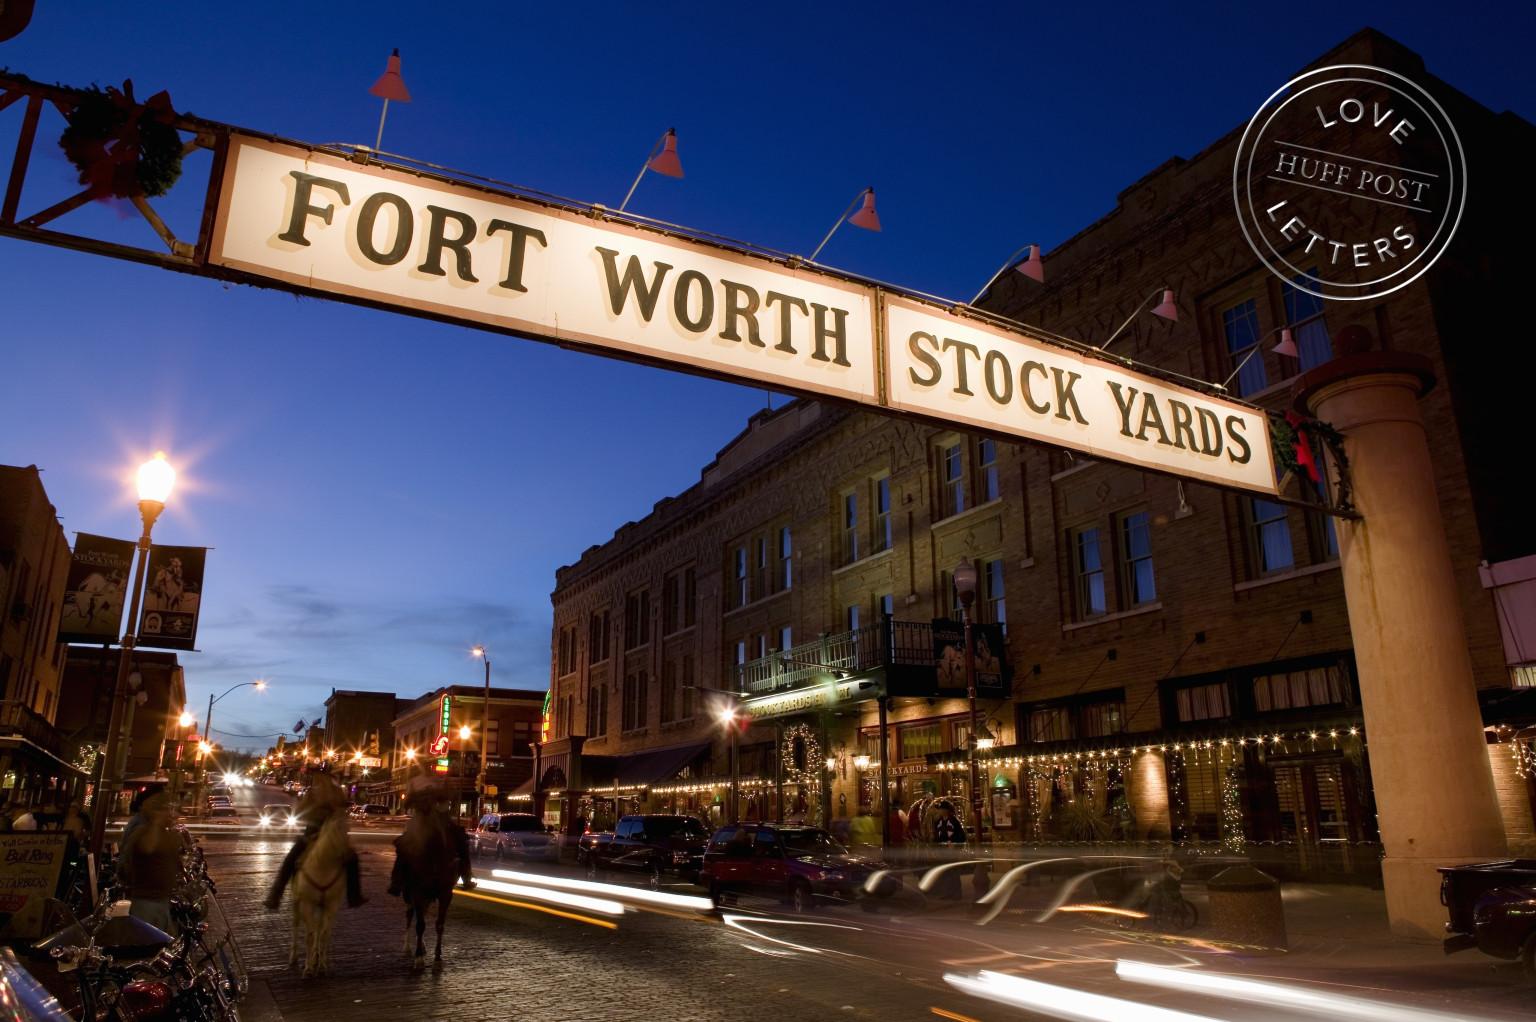 fortworth